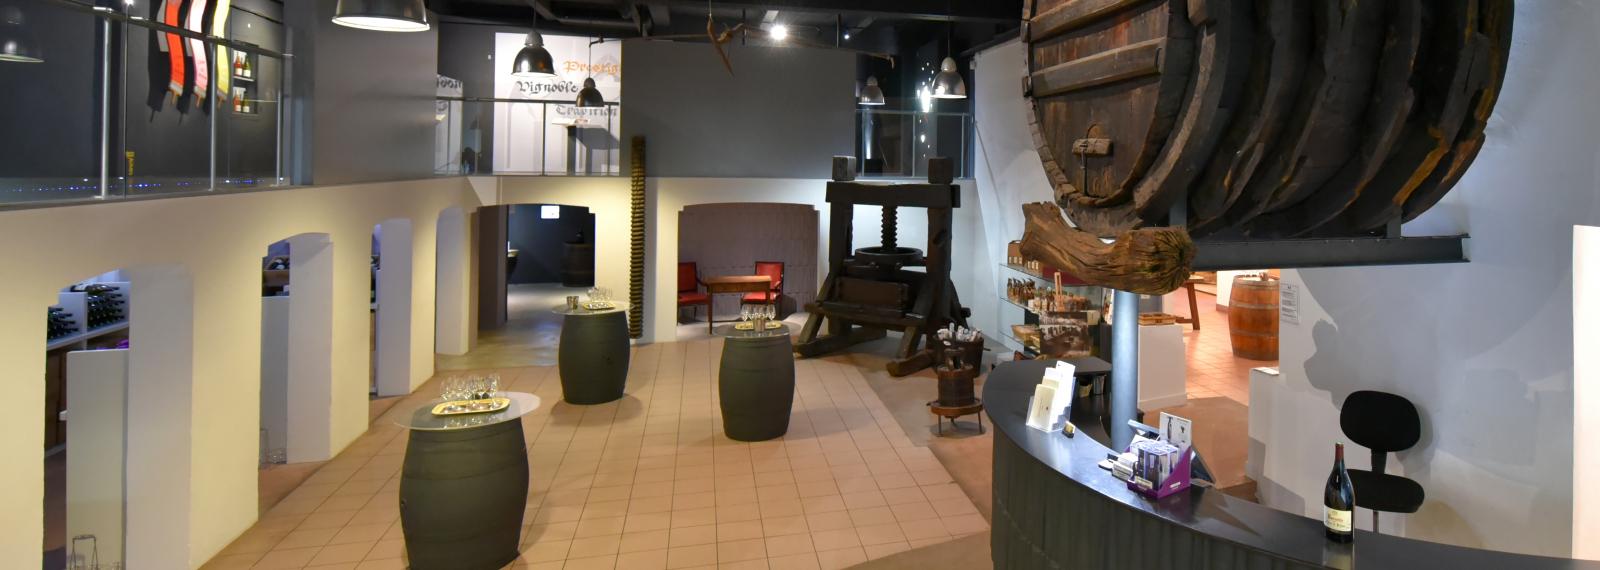 Accords Mets & Vins au Musée du Vin Brotte